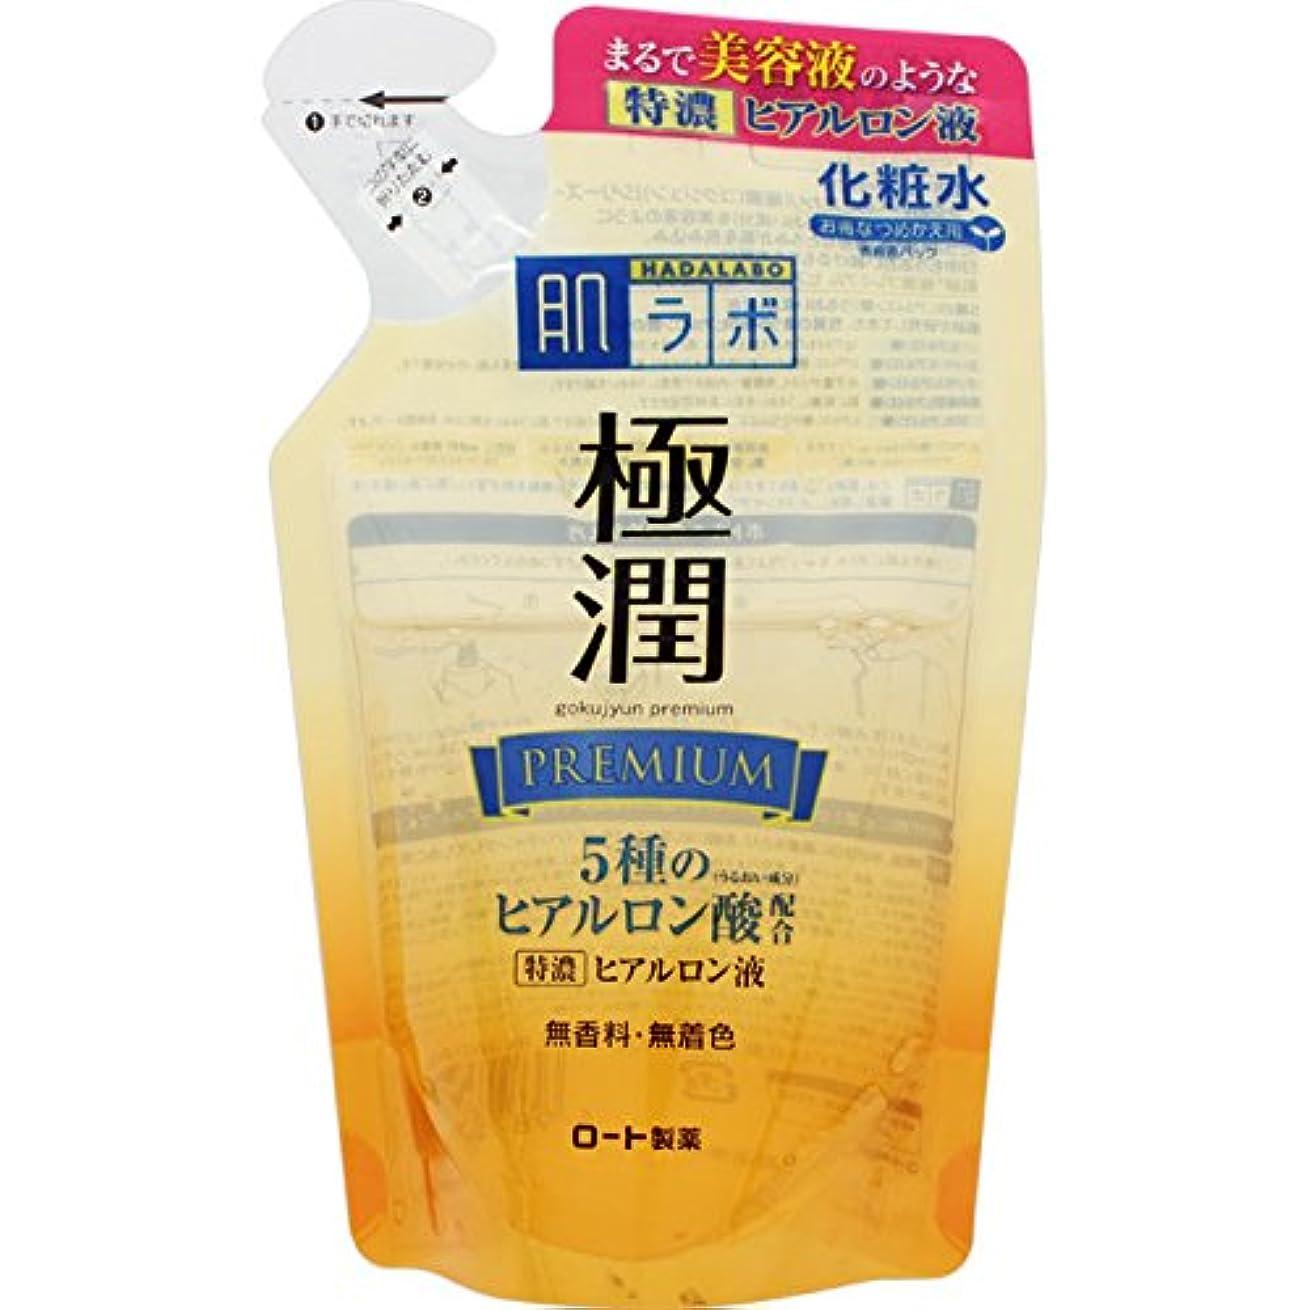 ランデブーキャビン最大の肌ラボ 極潤プレミアム 特濃ヒアルロン液 ヒアルロン酸5種類×サクラン配合 詰替用 170mL